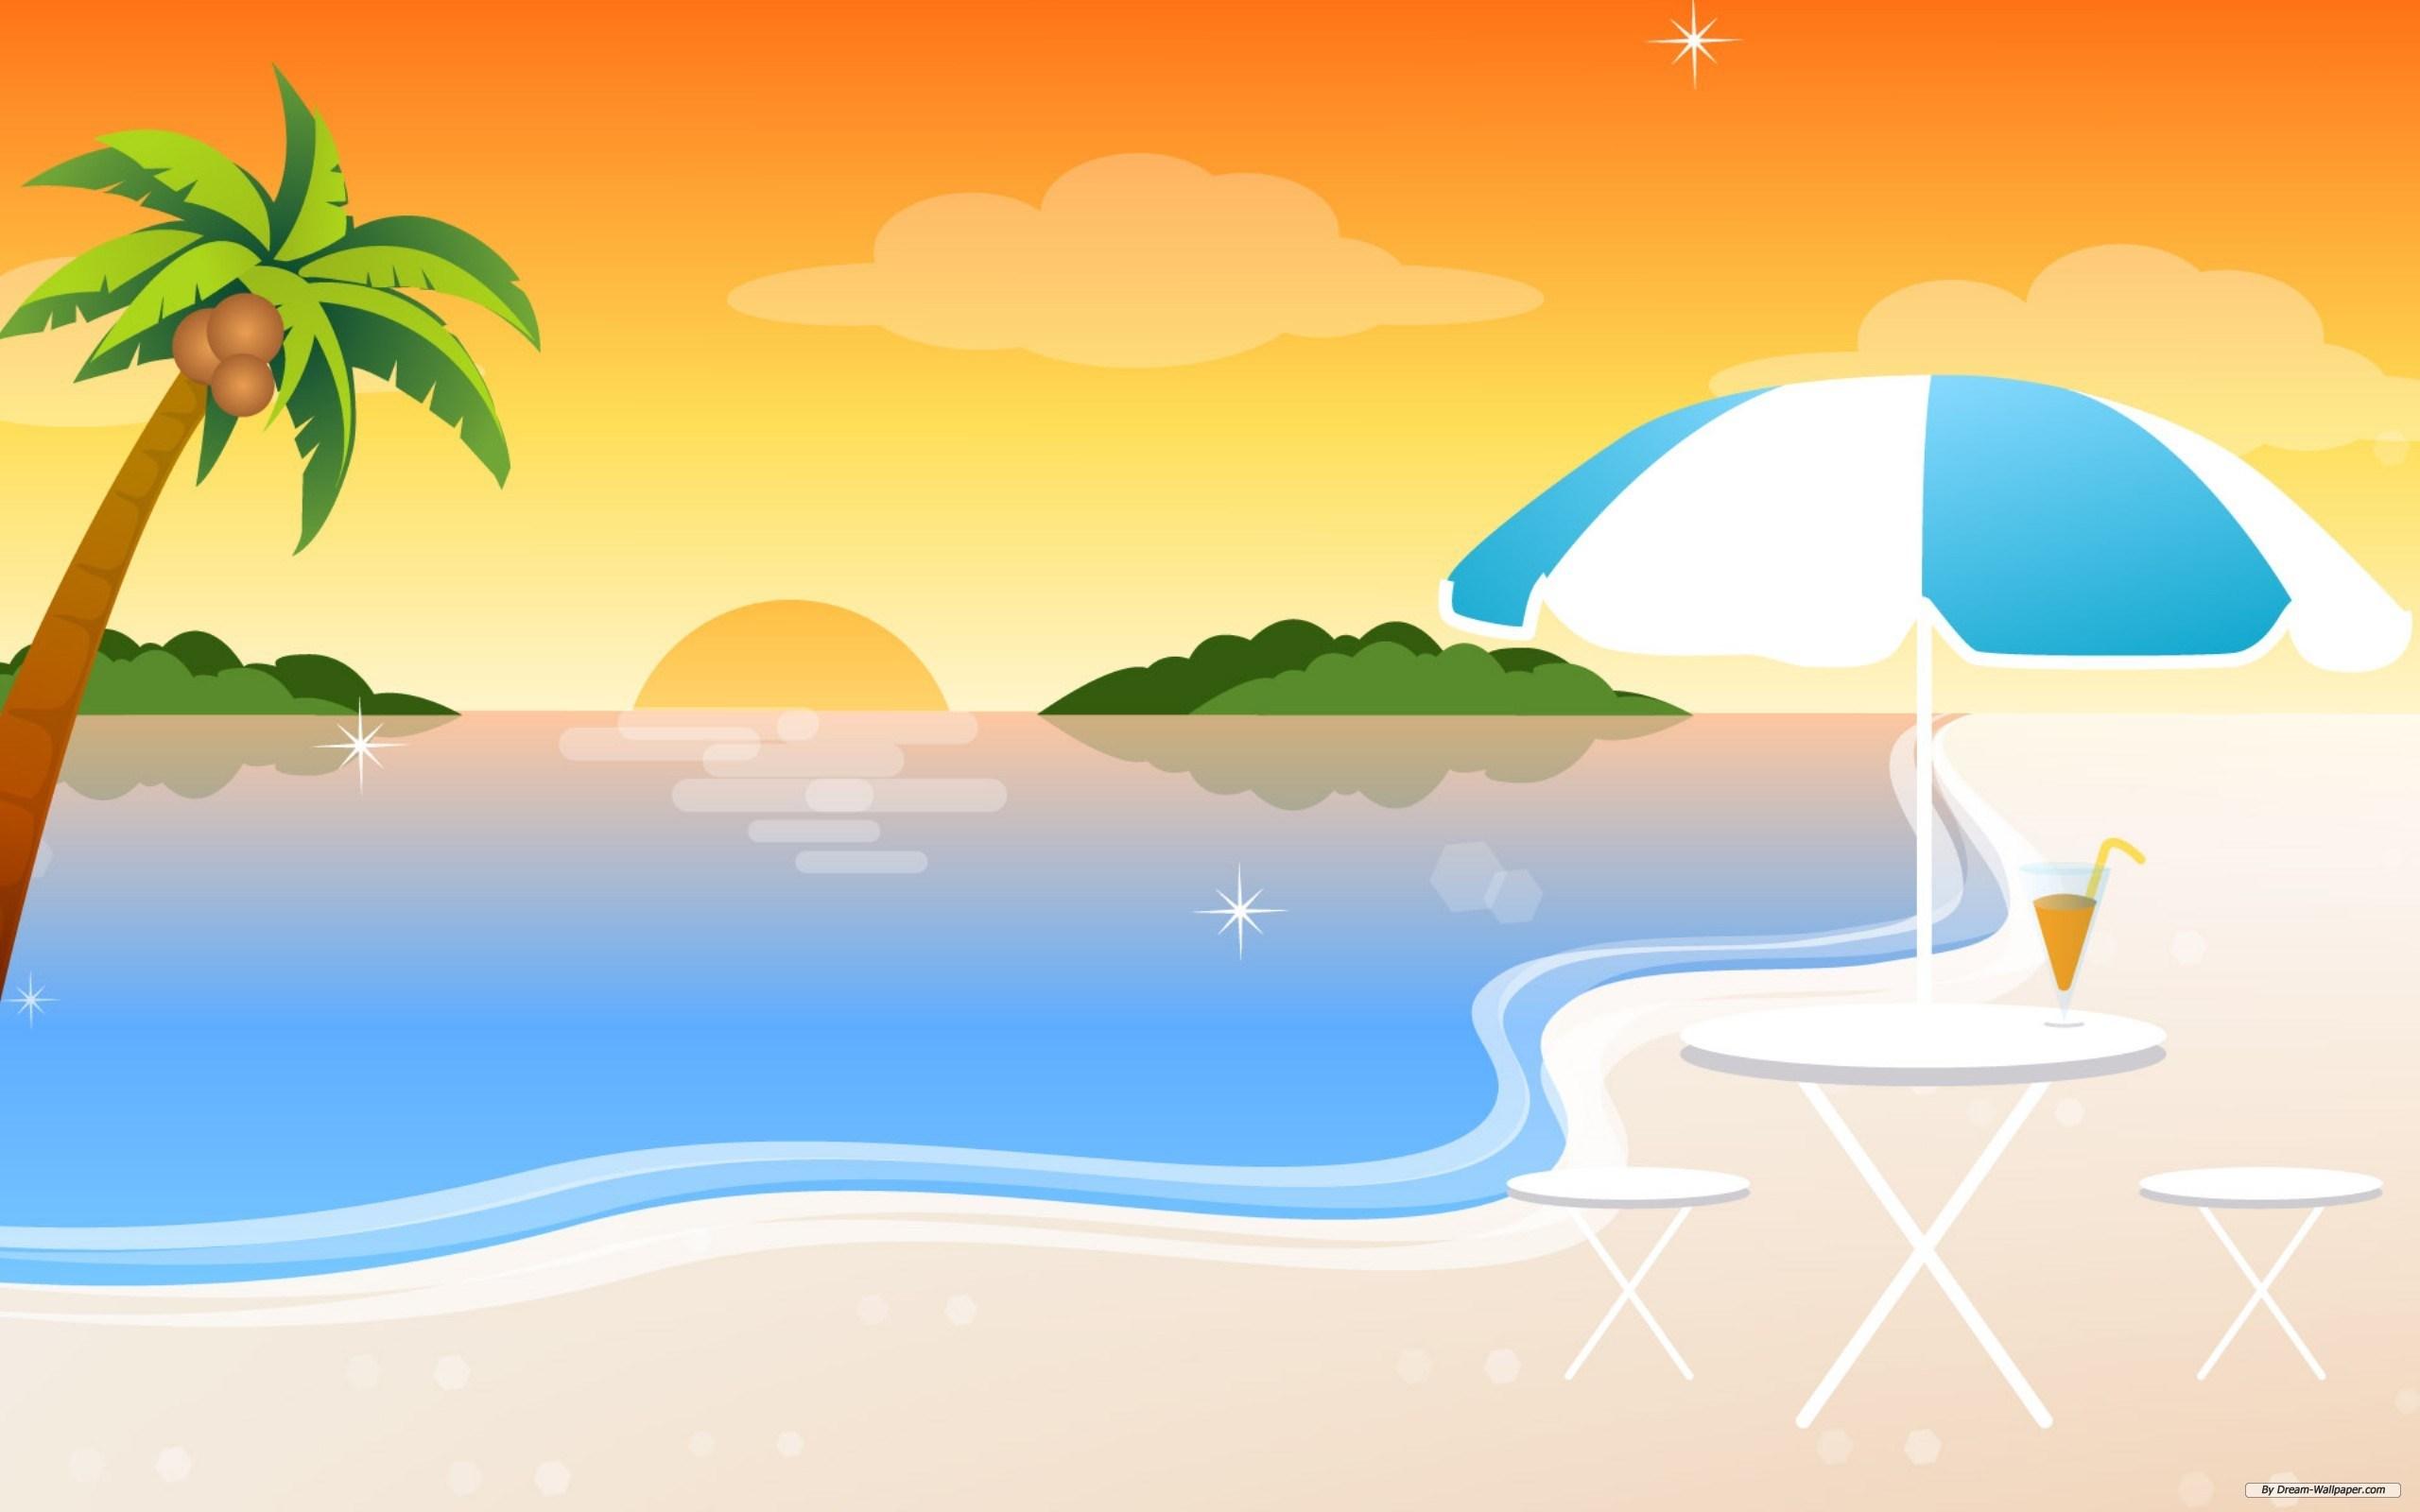 Sunset beach clipart 5 » Clipart Portal.